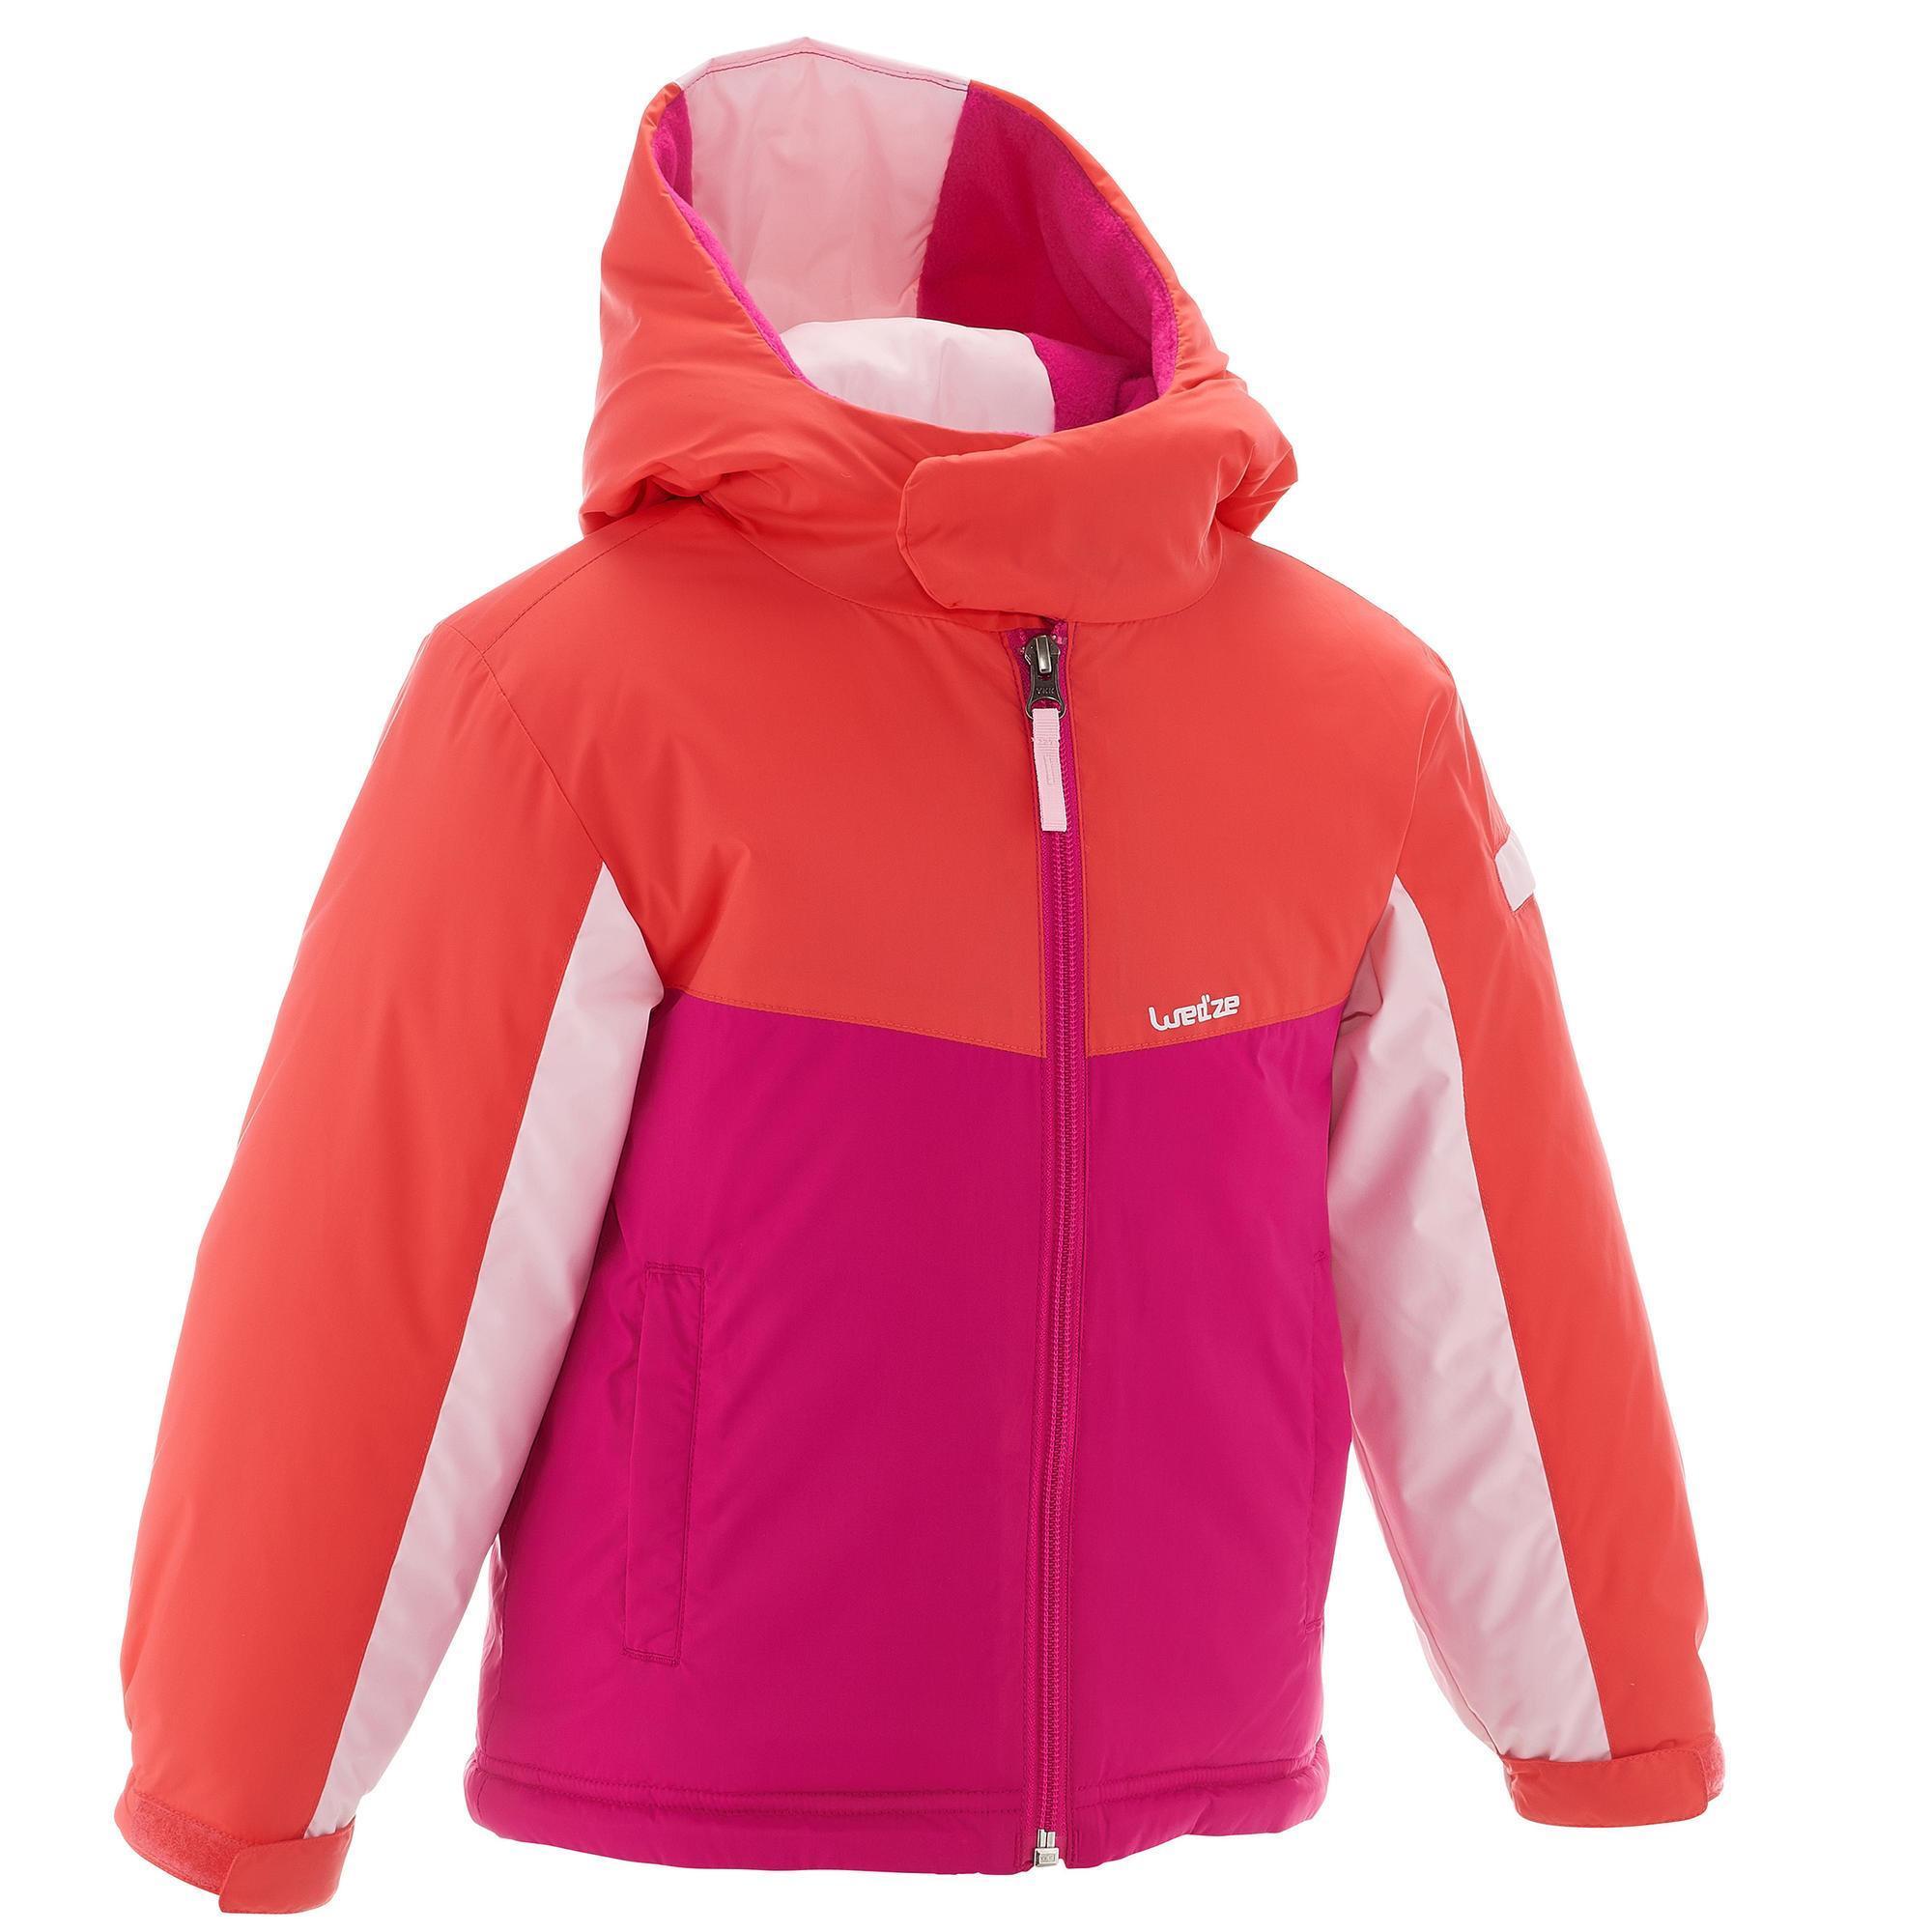 Skijacke Ski-P JKT 100 Kinder rosa